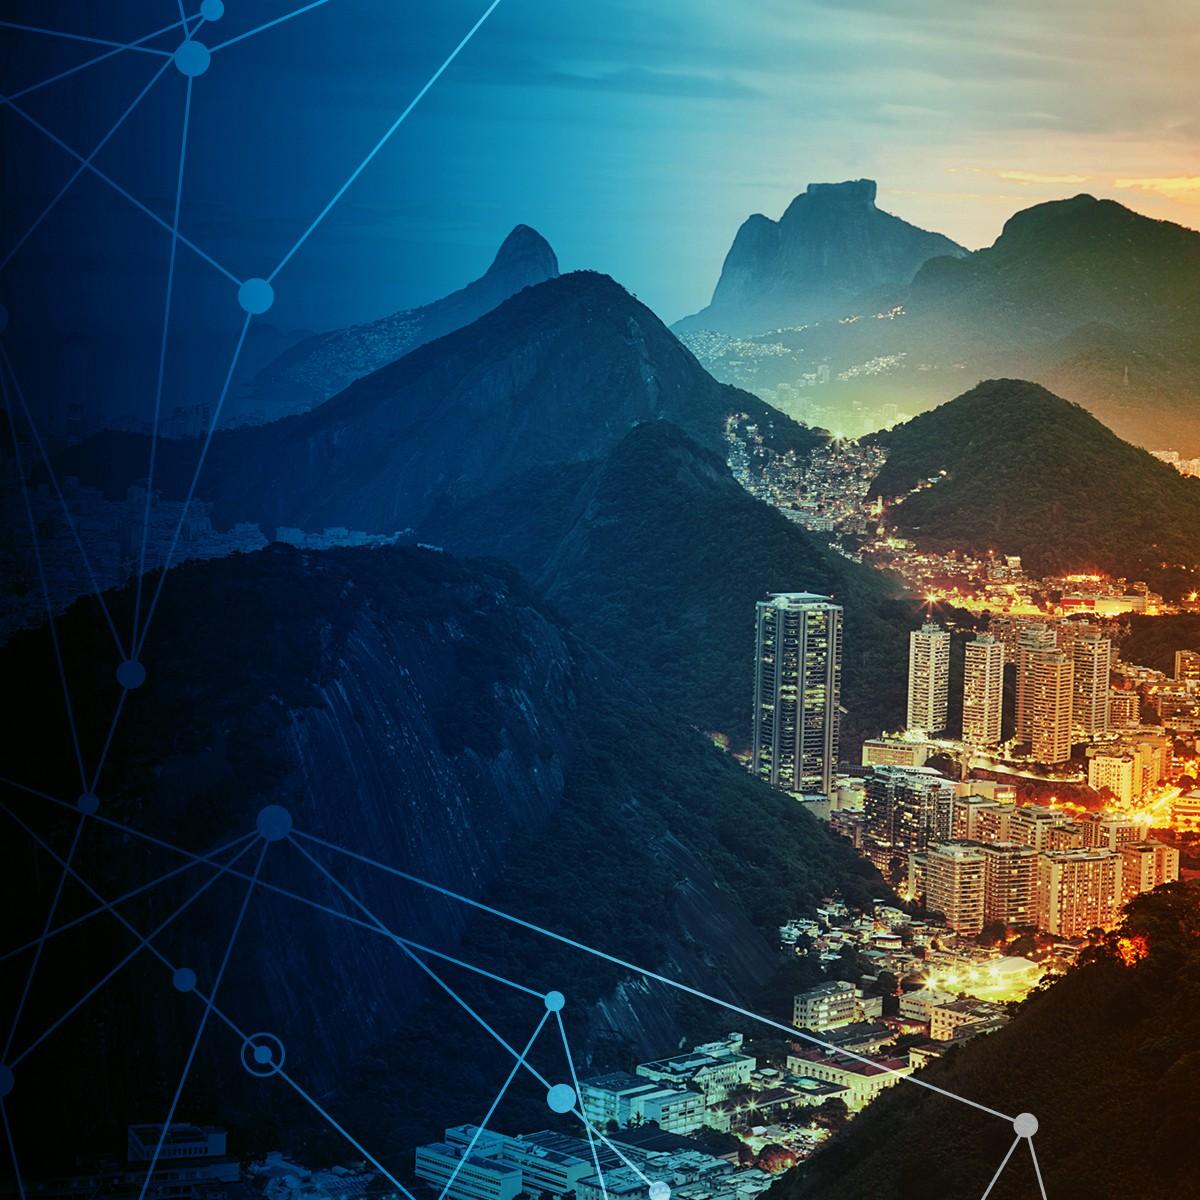 Empresas se conectam de forma segura a uma rede global de funcionários, parceiros e clientes (Foto: Divulgação)